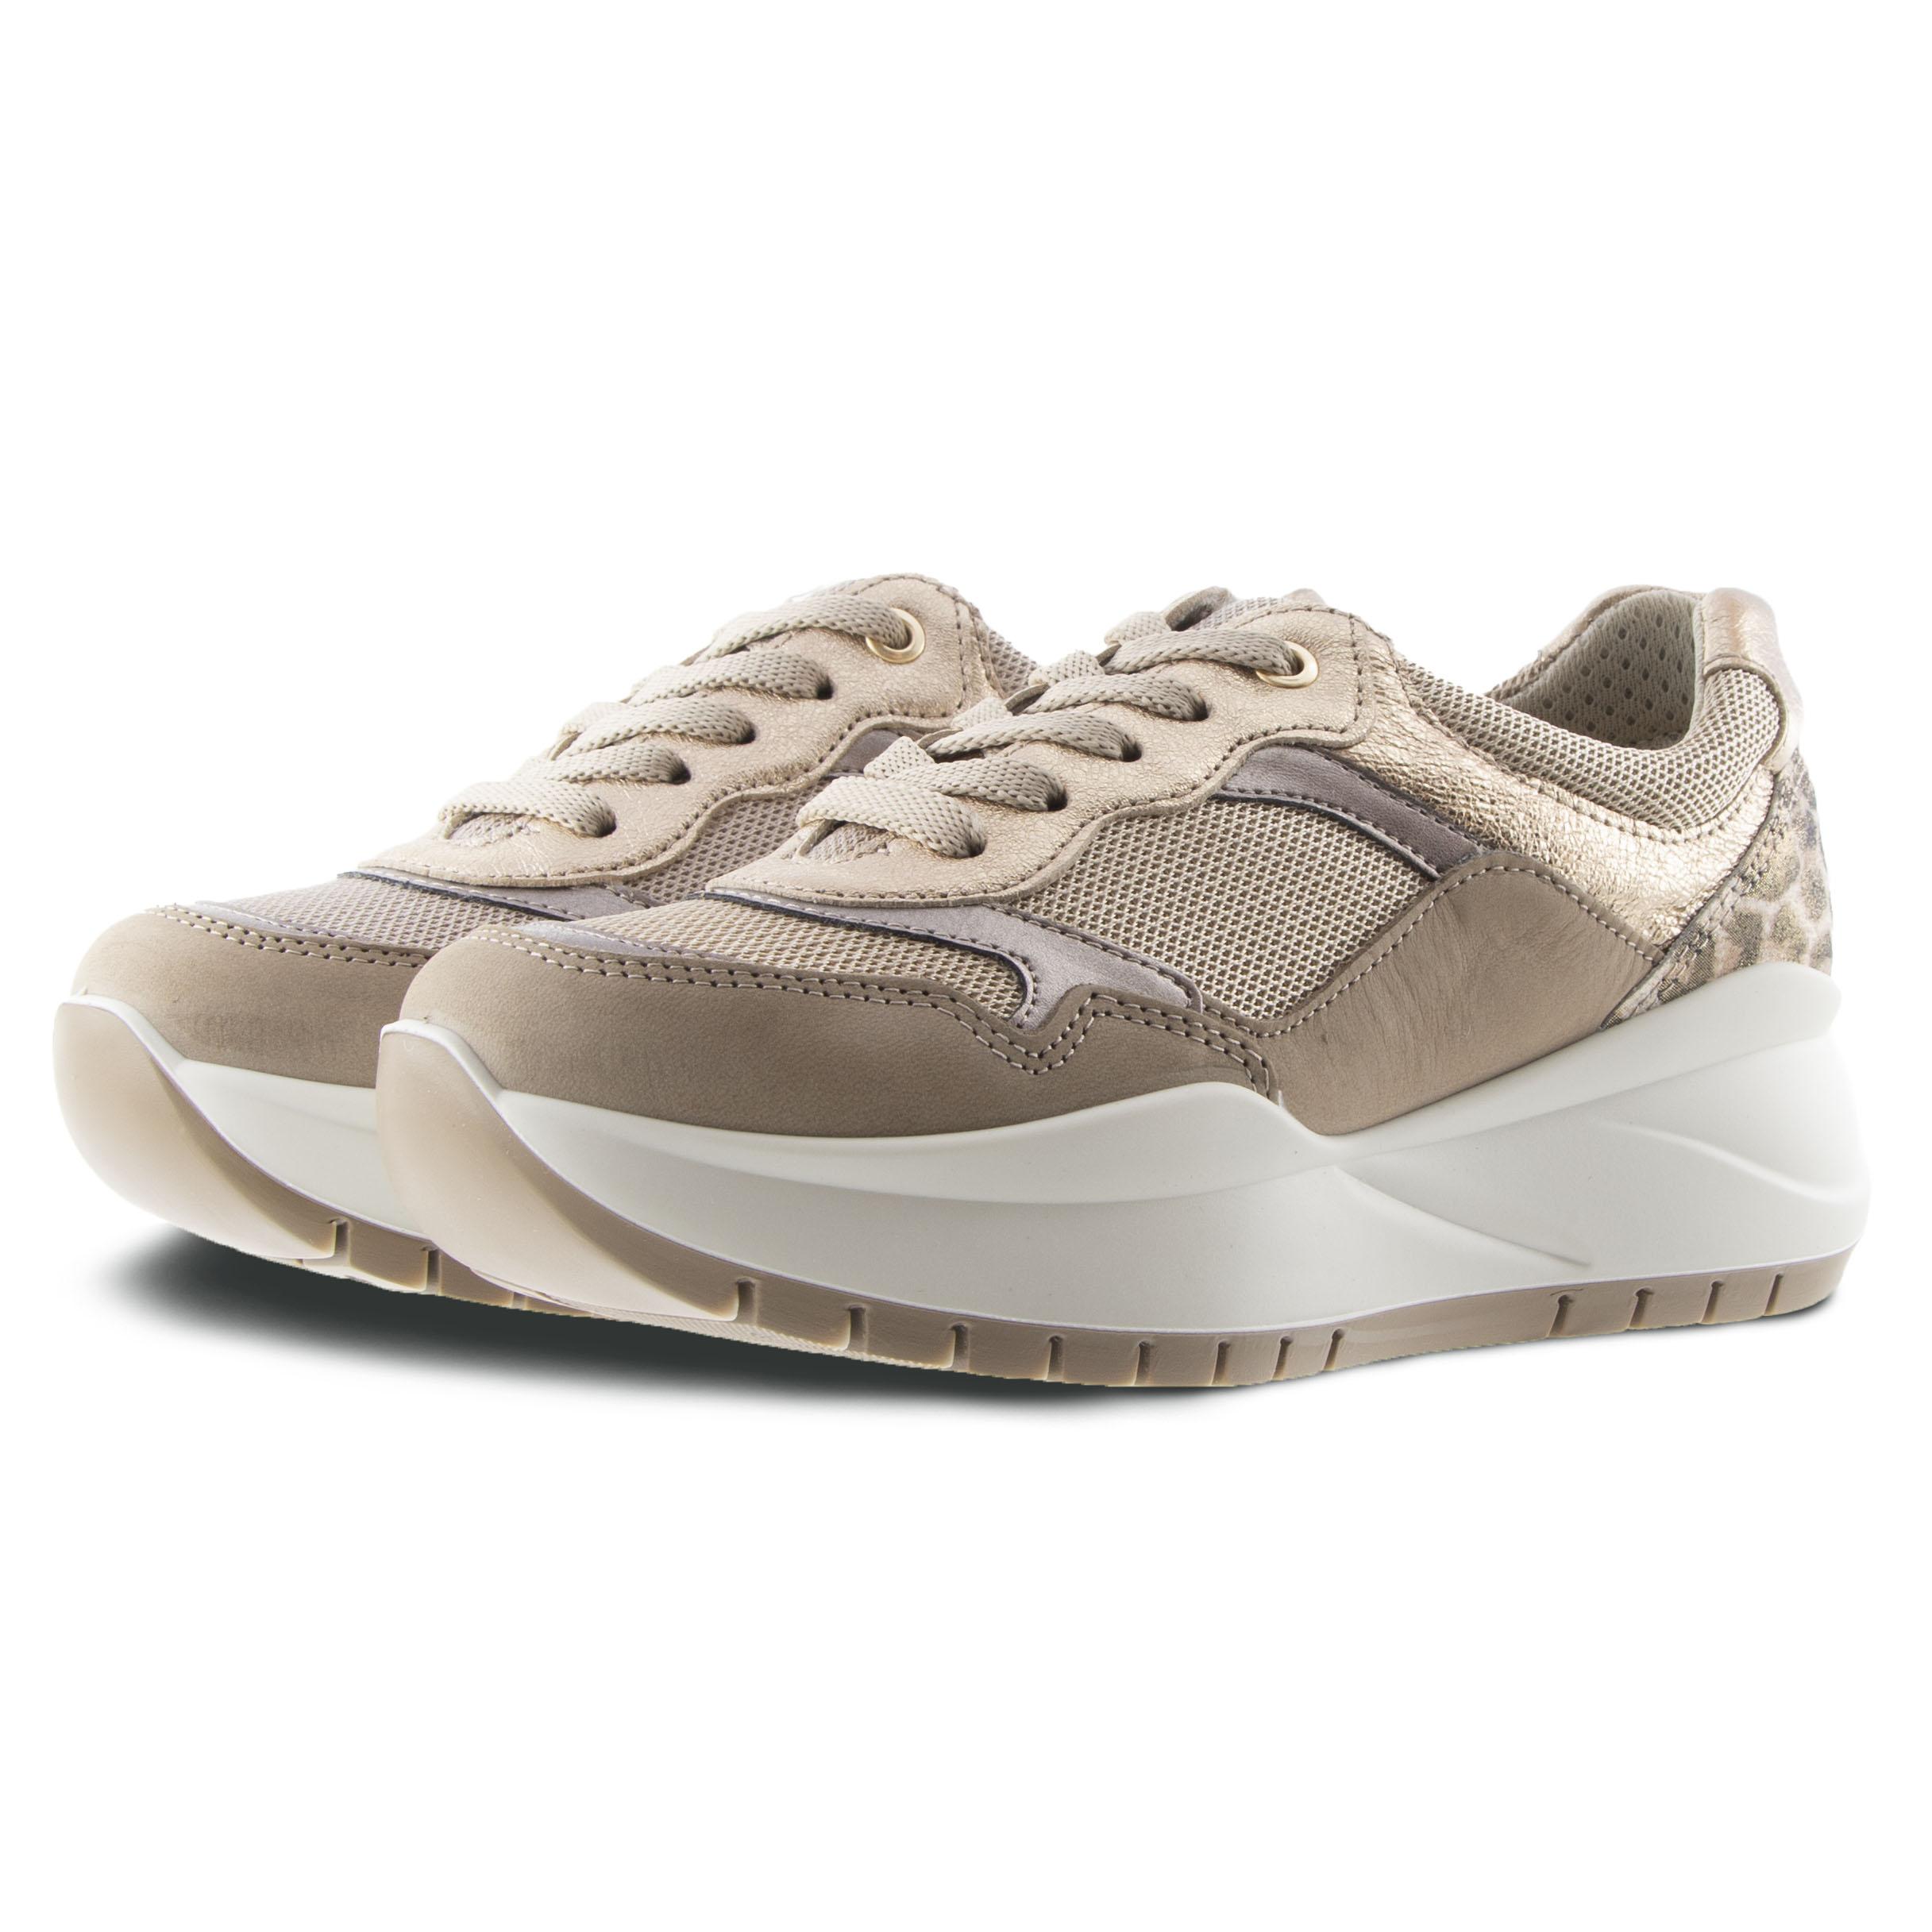 Γυναικείο Sneaker Δέρμα Μπέζ IMAC 507550